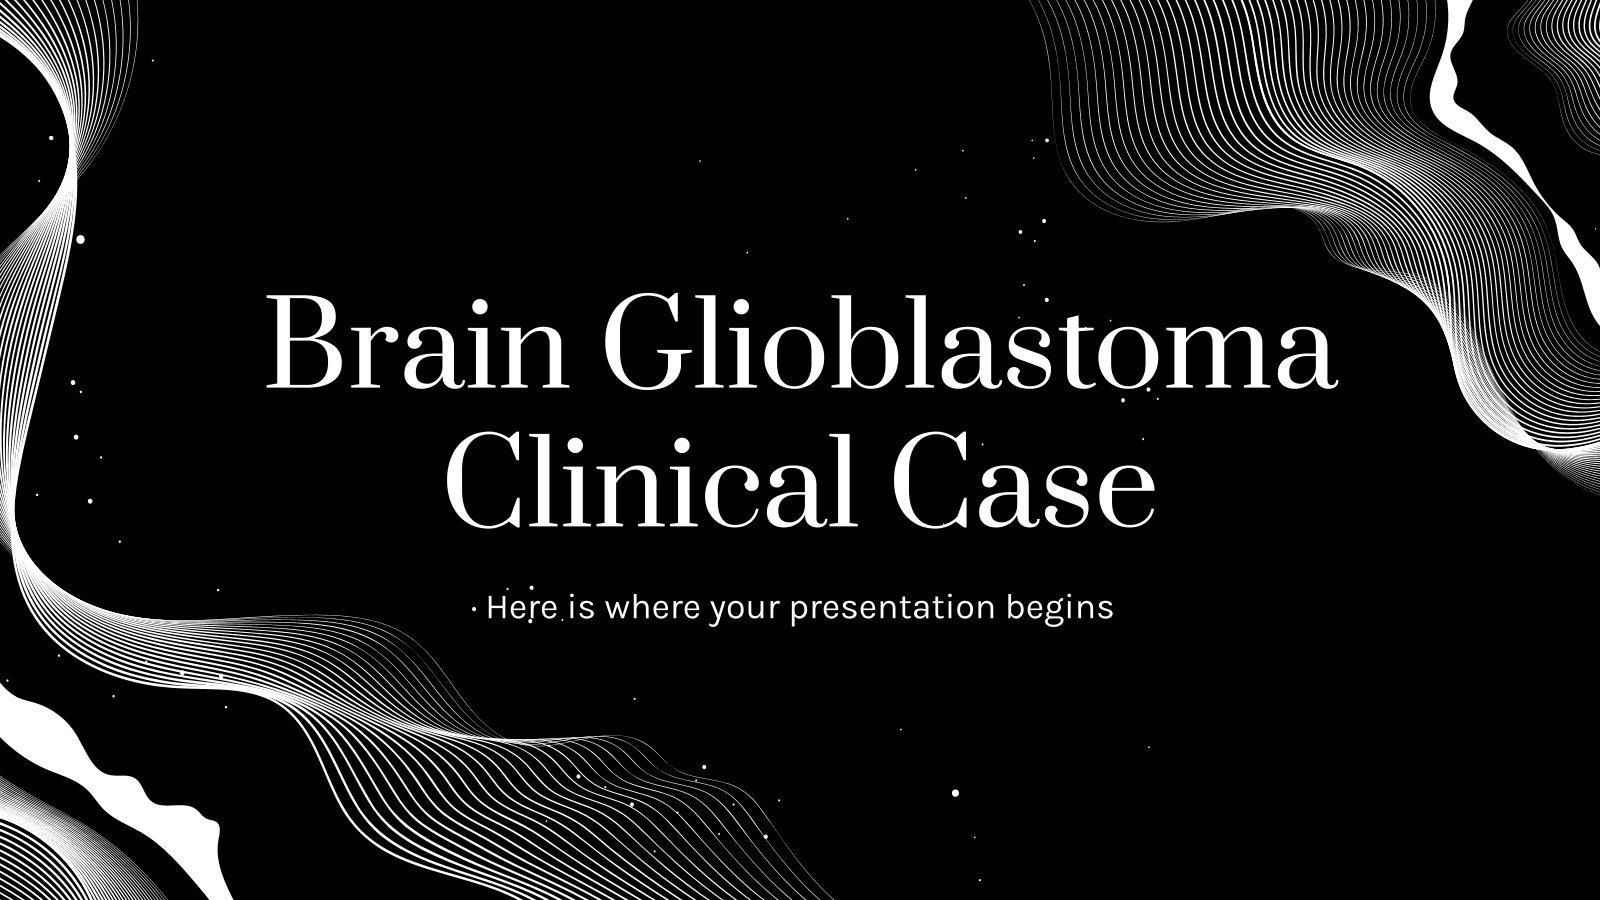 Cas clinique de glioblastome : Modèles de présentation